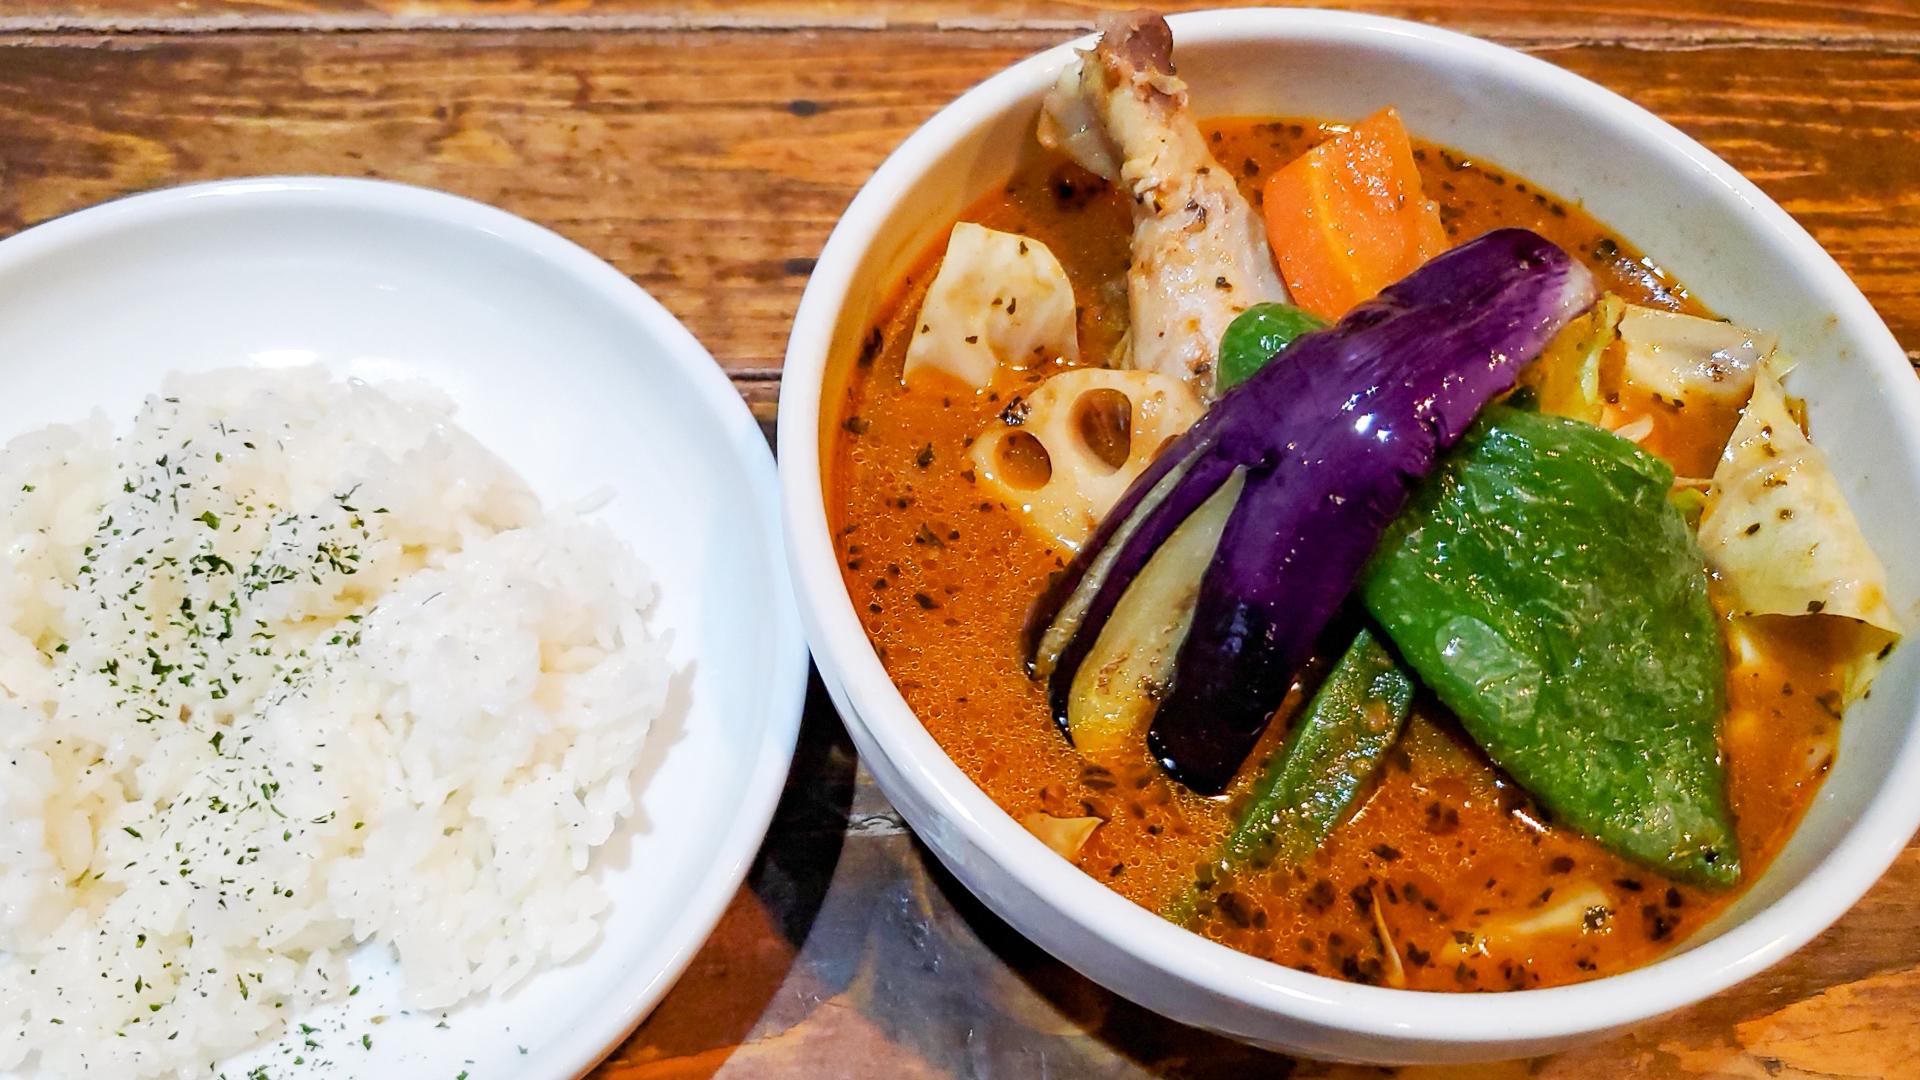 デリバリー専門店かと思ってました「Curry&Cafe グーニーズ 豊平店」 1